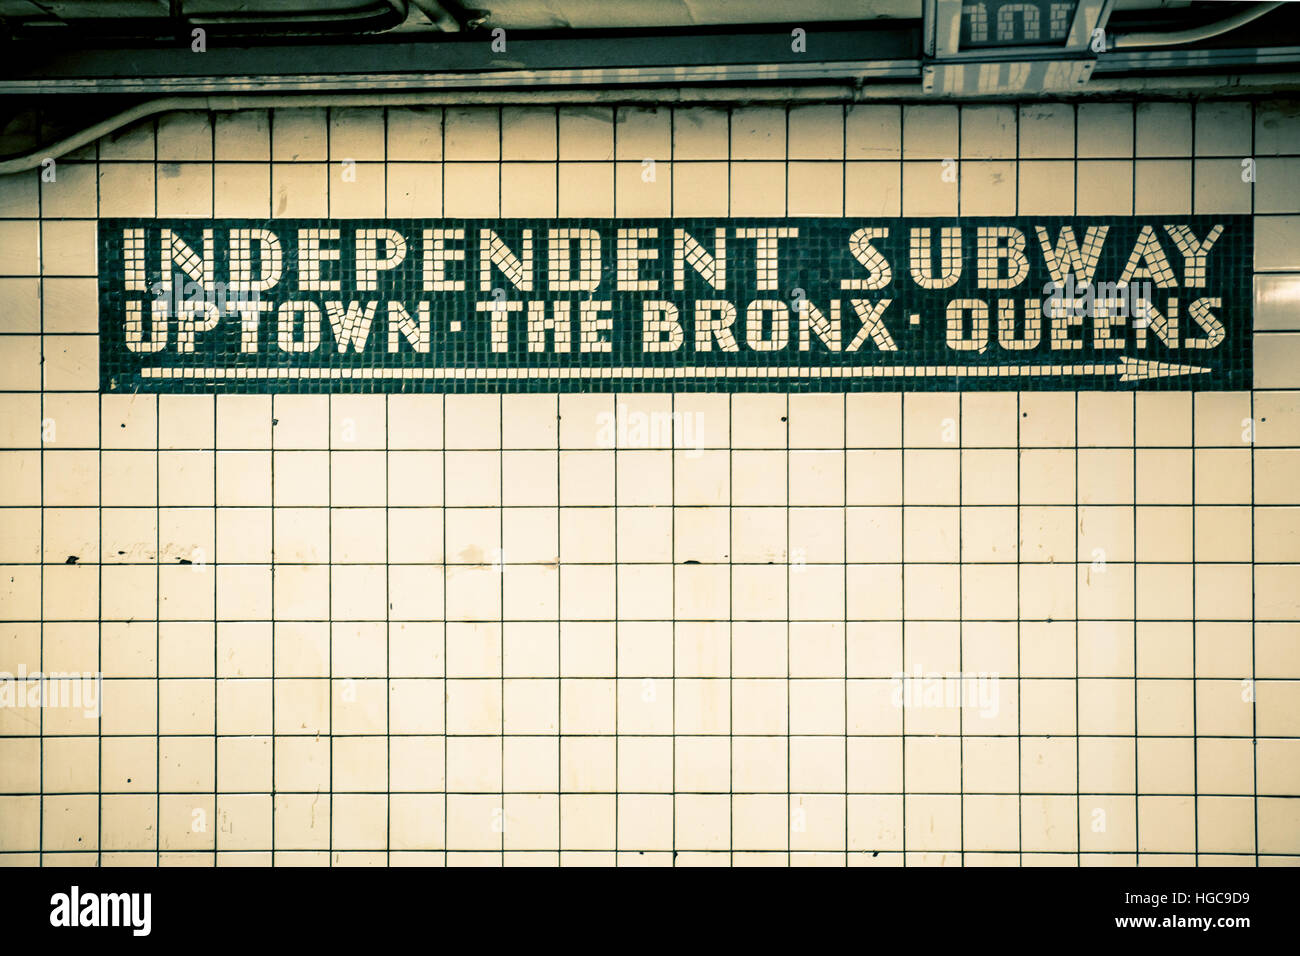 Vintage Ziegel-Mauer in New York City Subway station Stockfoto, Bild ...